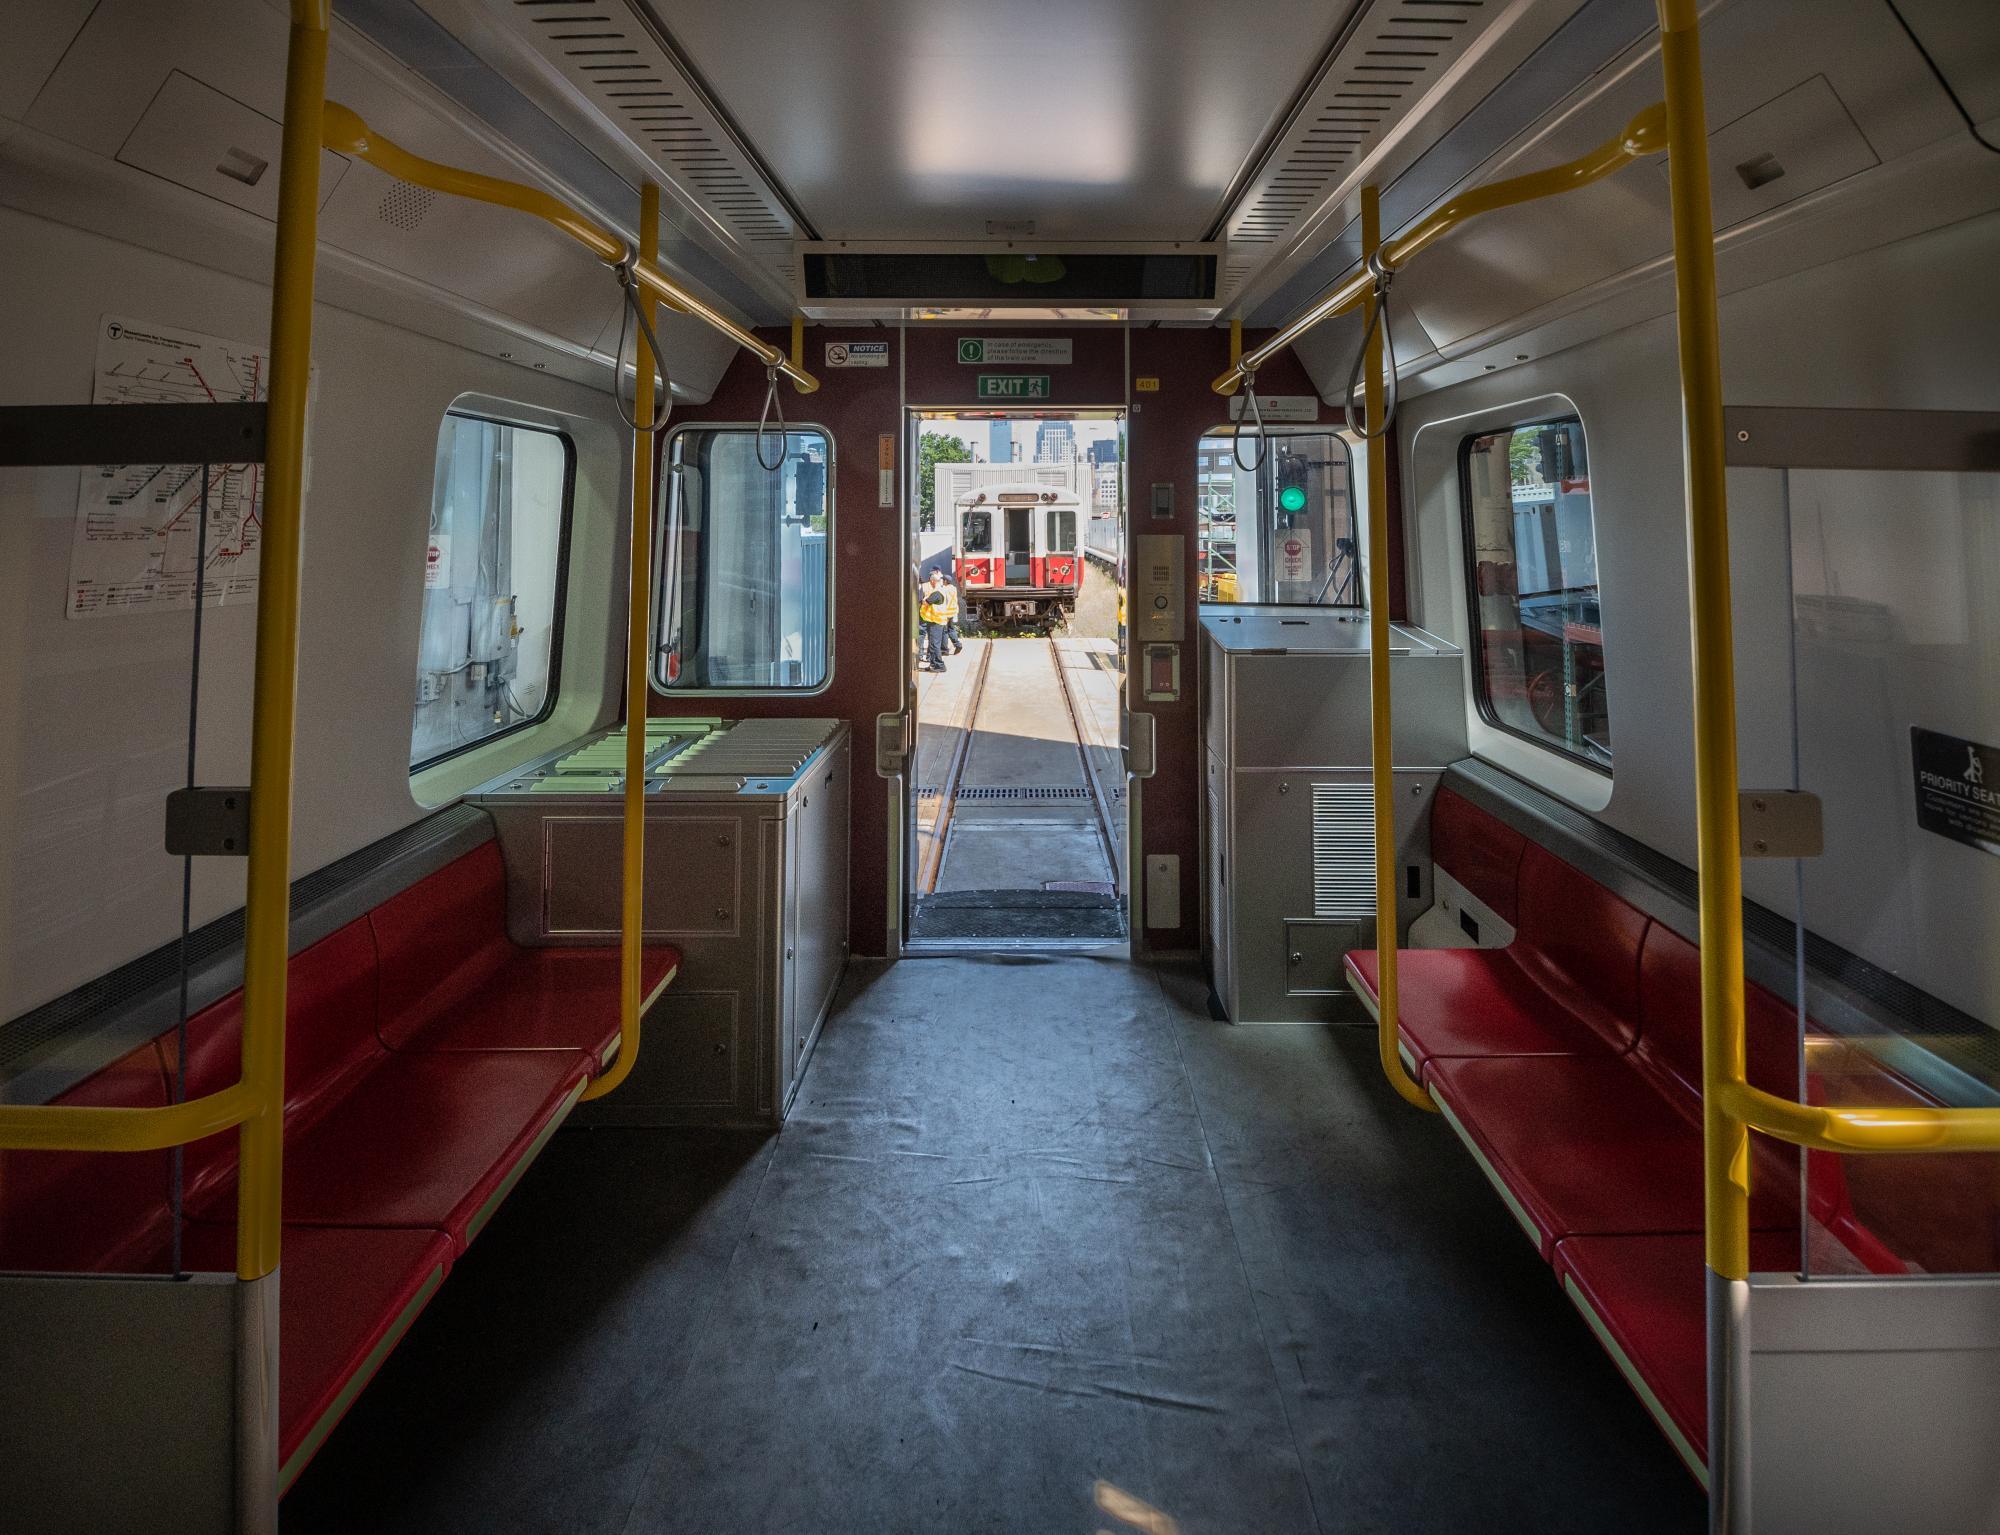 Red Line mock-up car interior